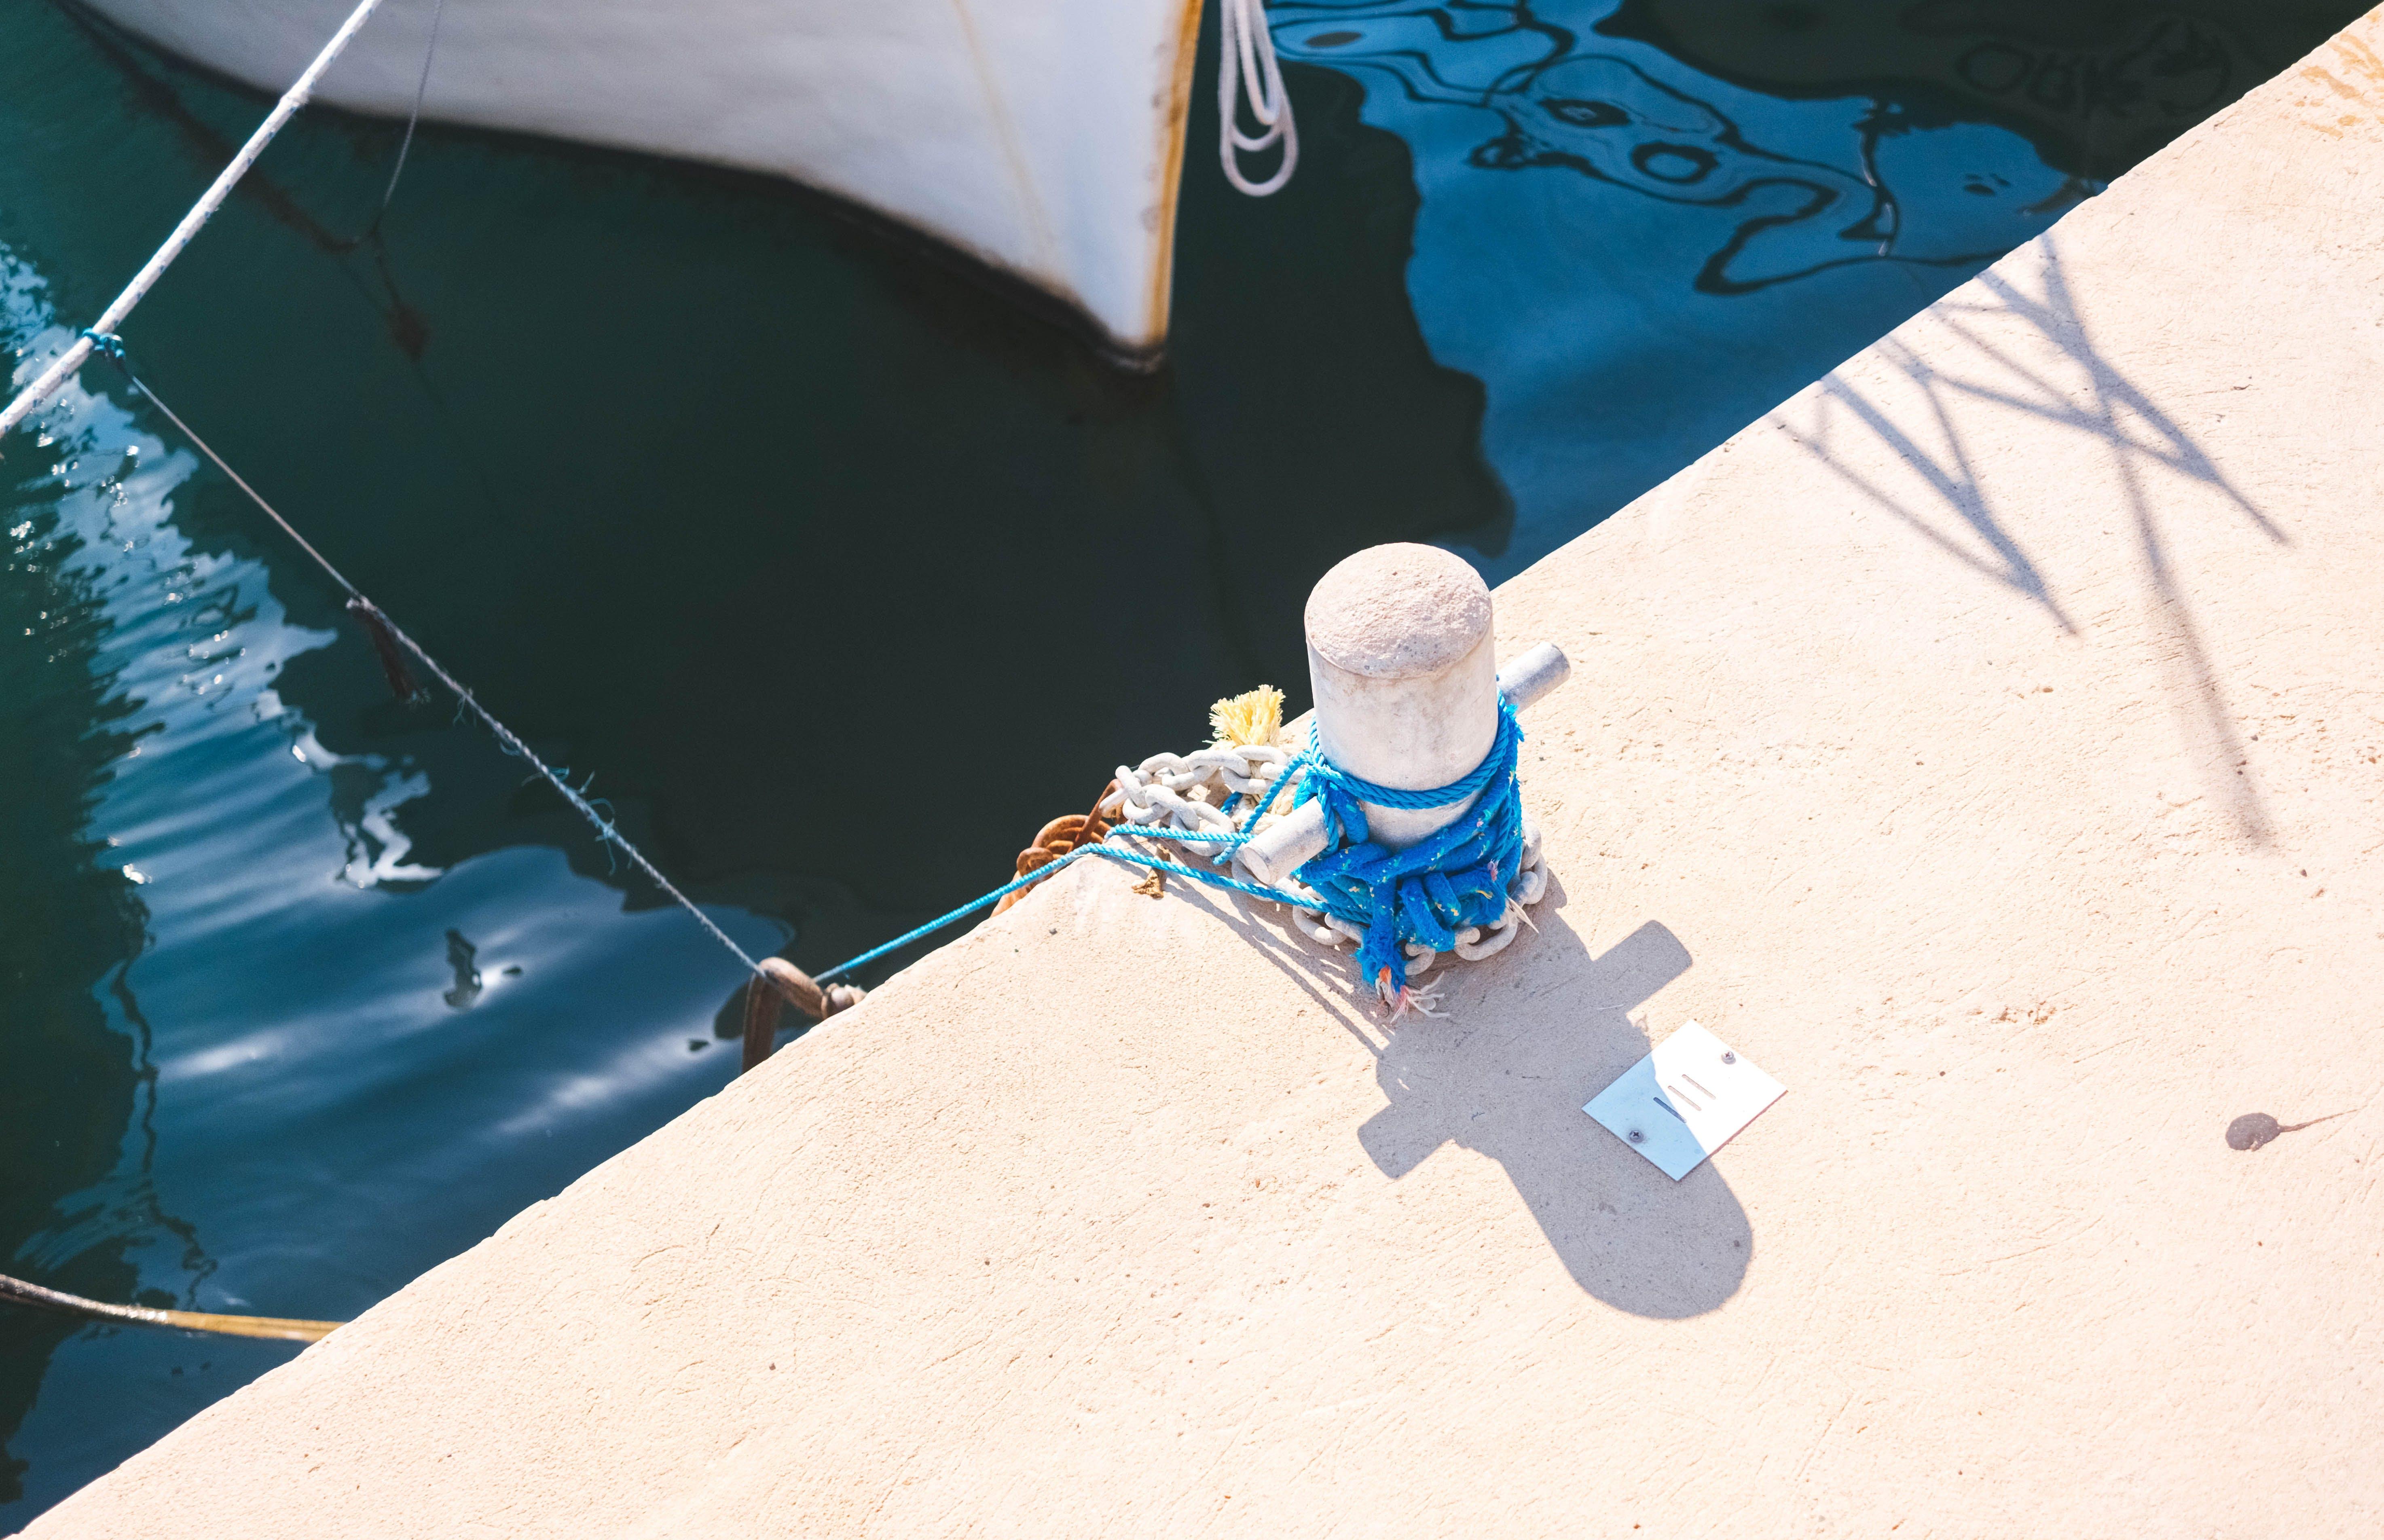 White Concrete Post Near Boat